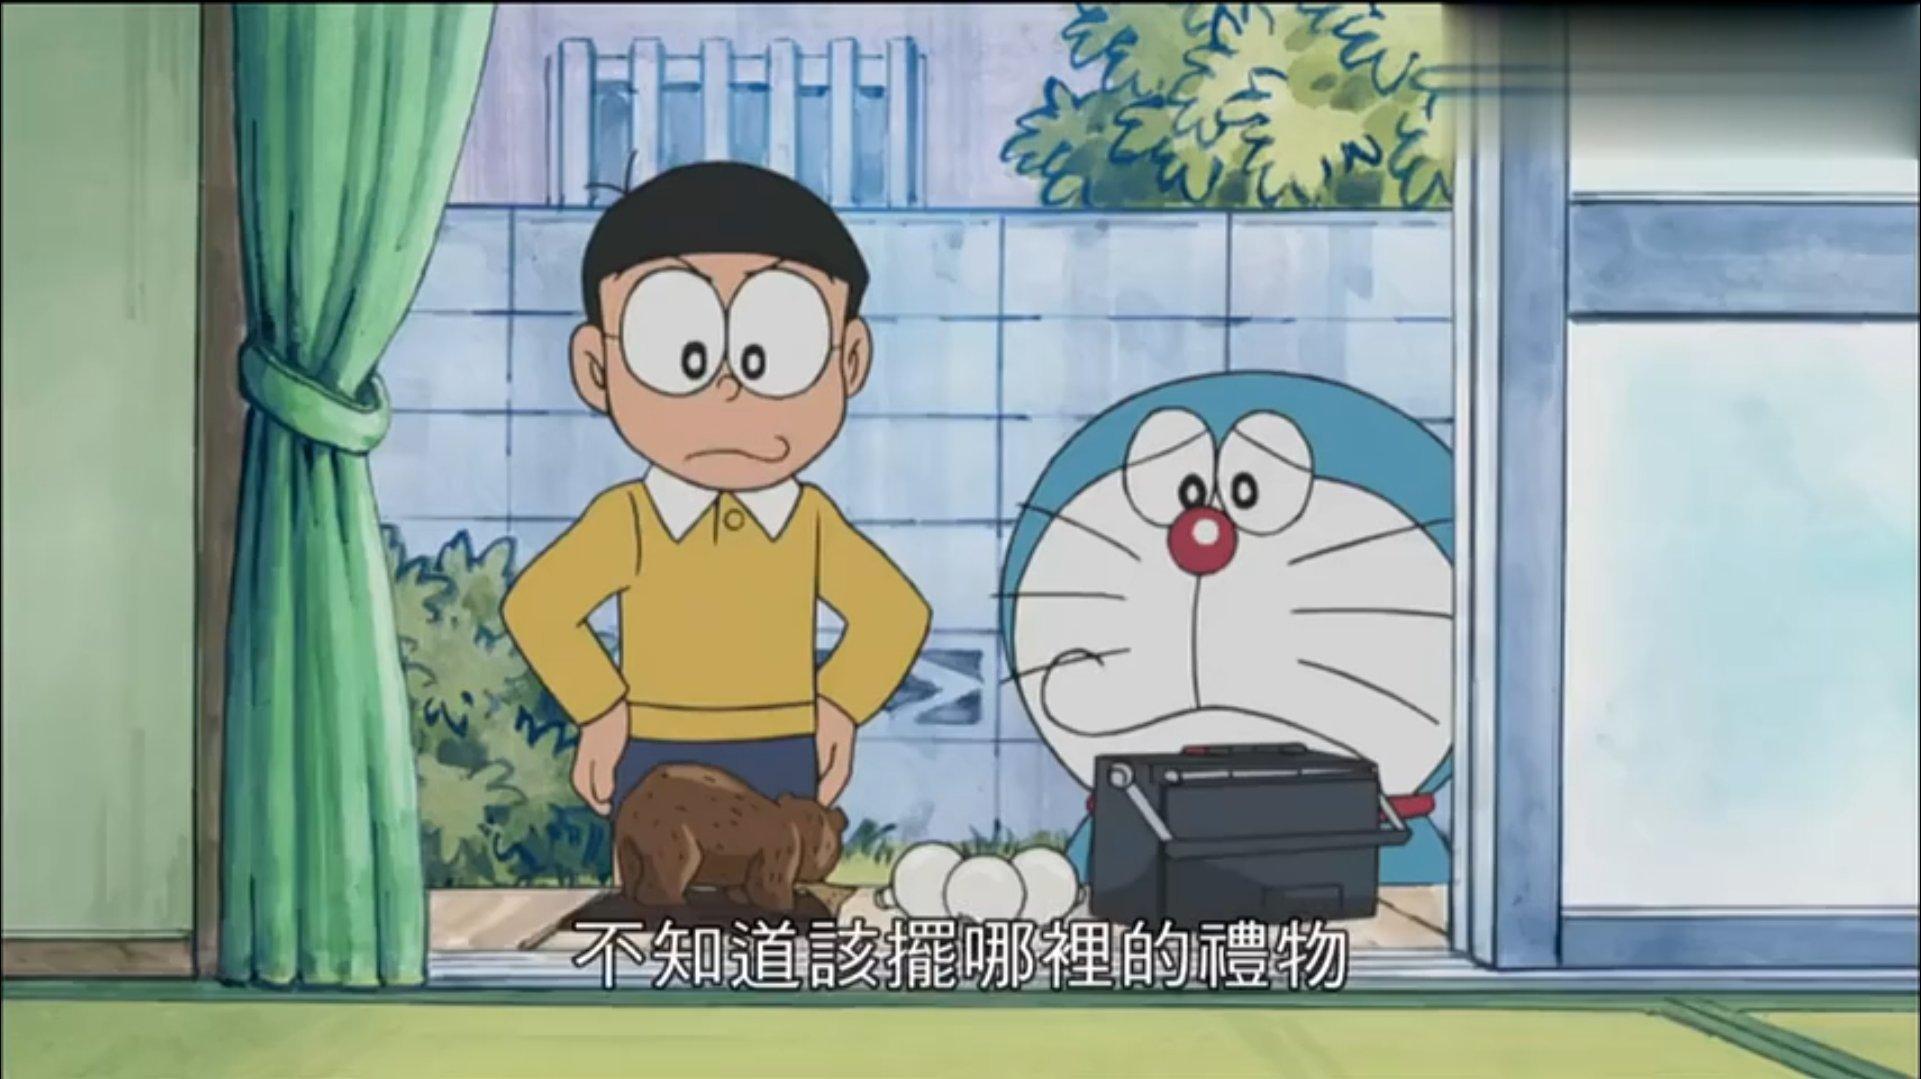 【视频】哆啦A梦:大雄难得爱惜,哆啦A梦主动递道具,大雄甚至用到-小柚妹站